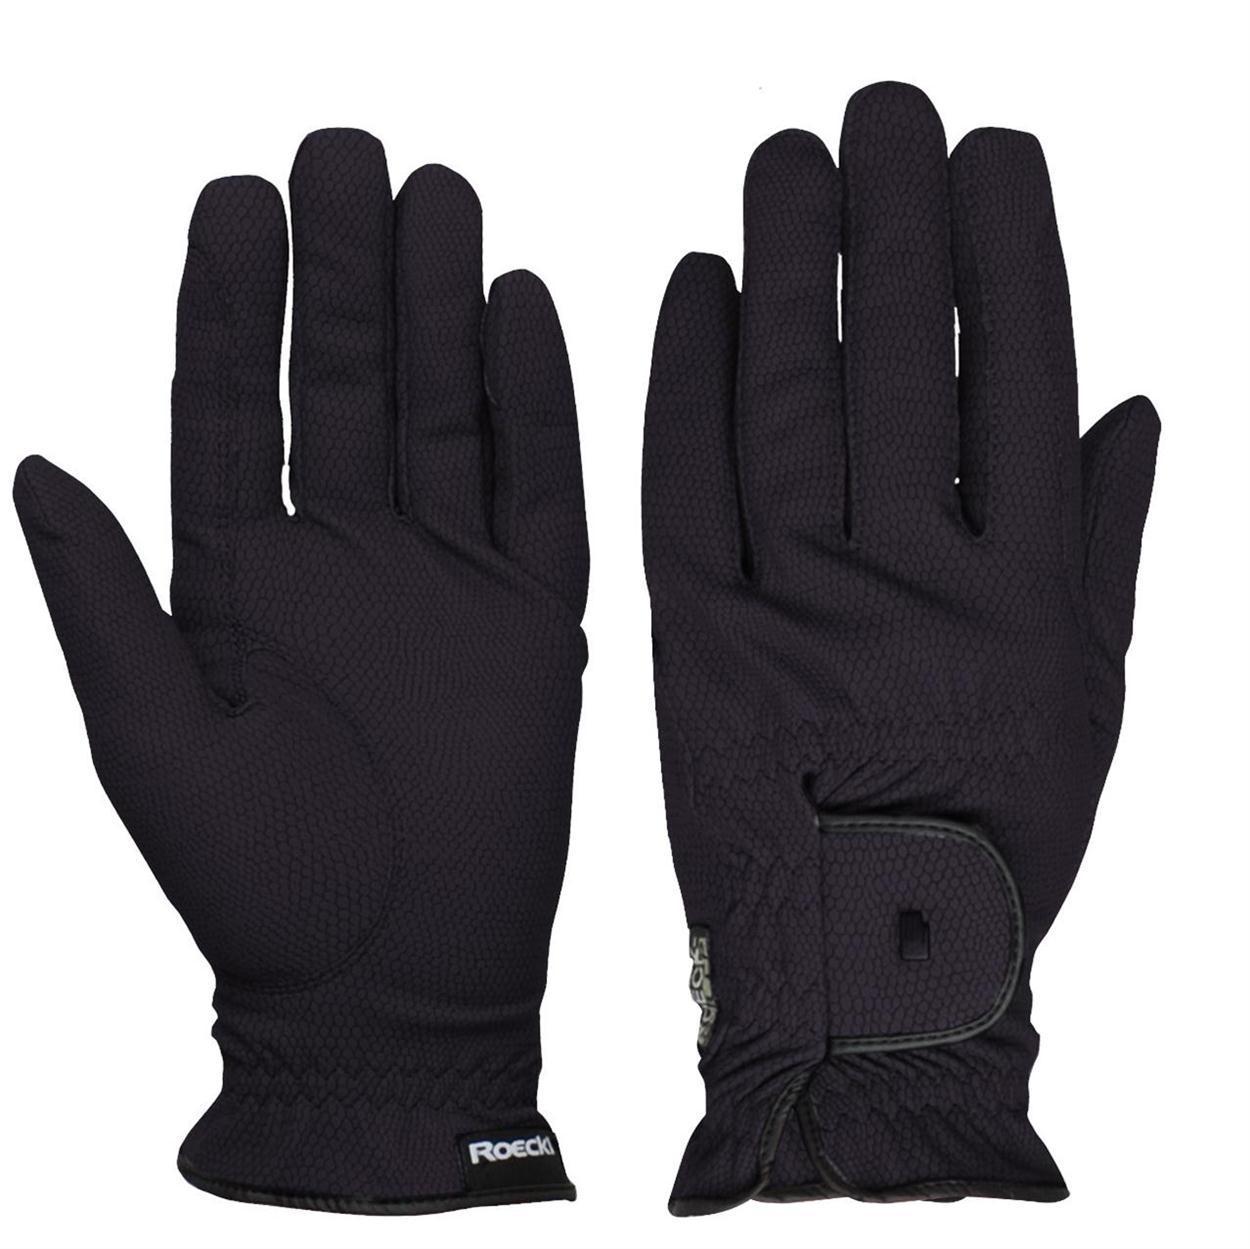 Roeckl Roeck grip Handschoen zwart maat:9